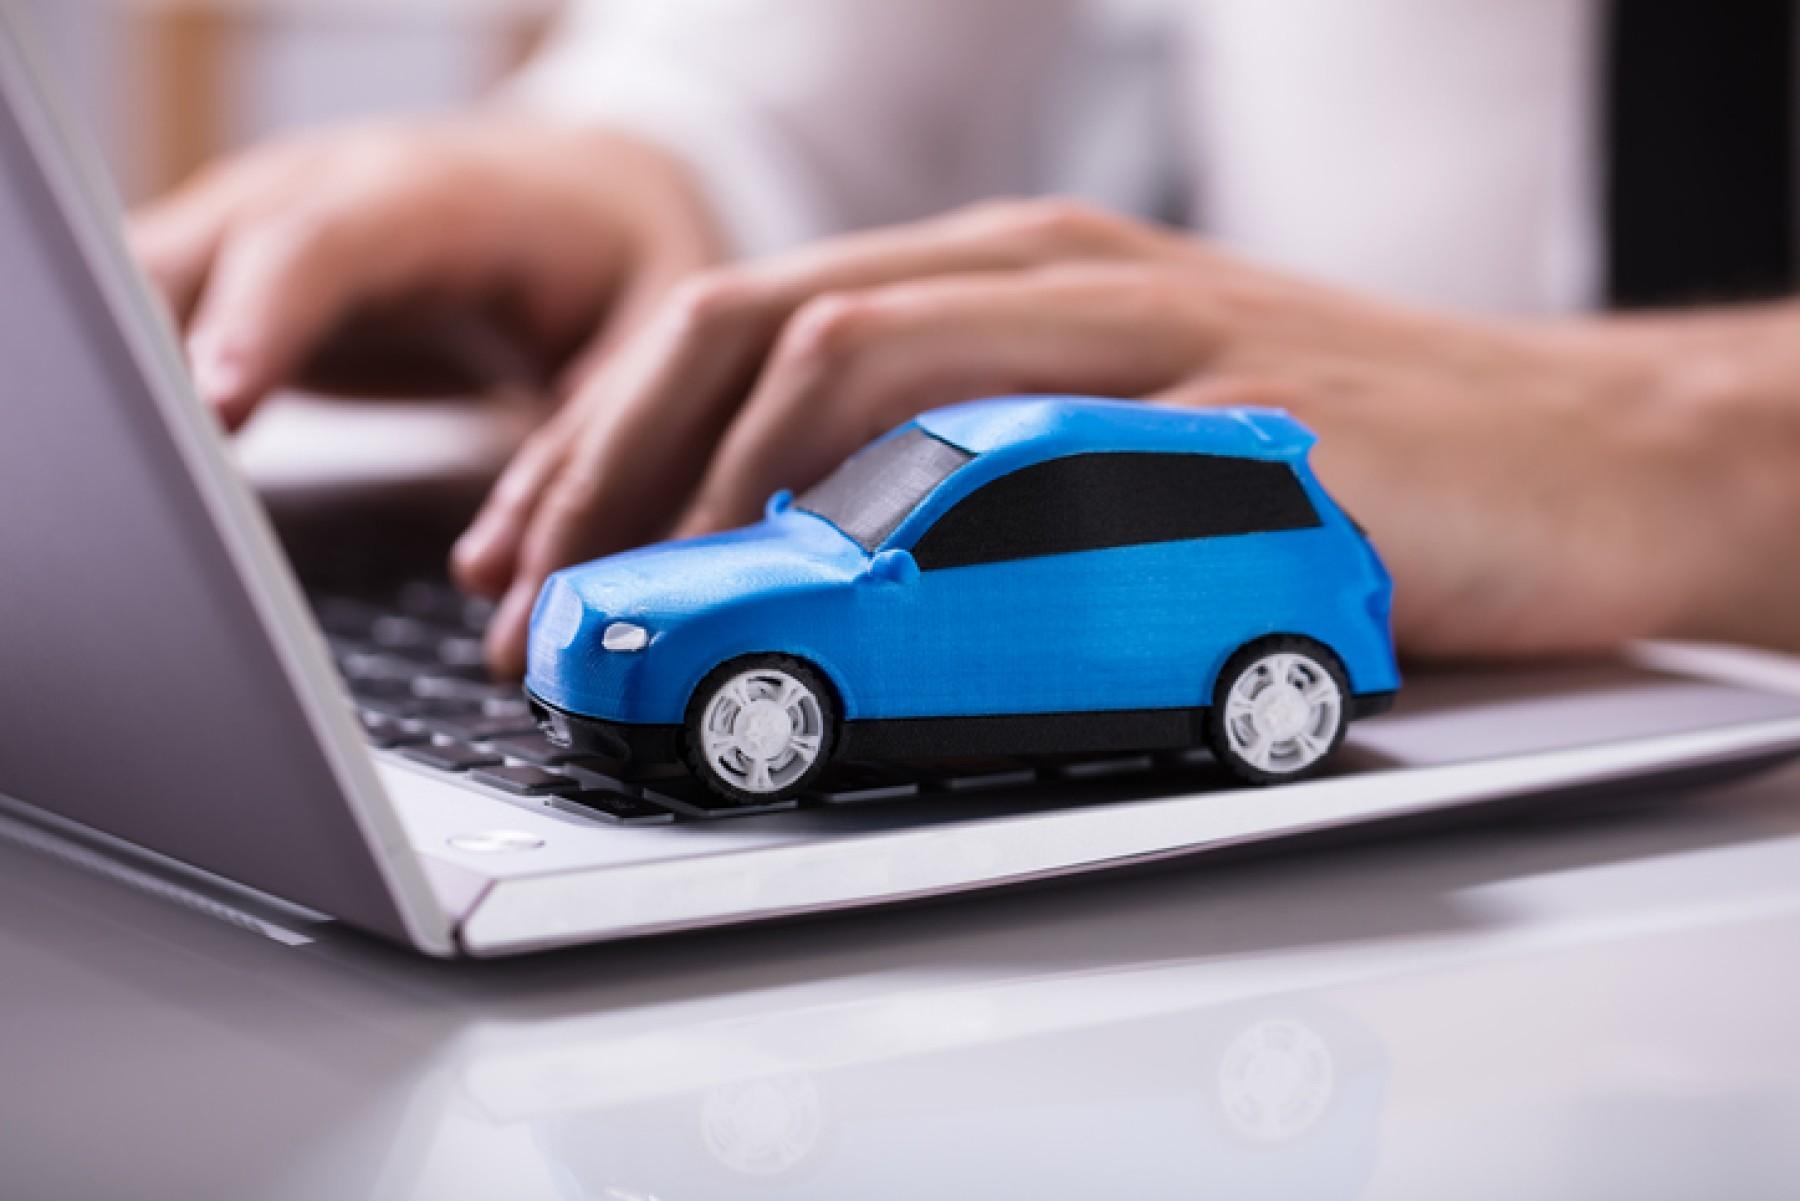 Cómo comprar un Volkswagen en línea